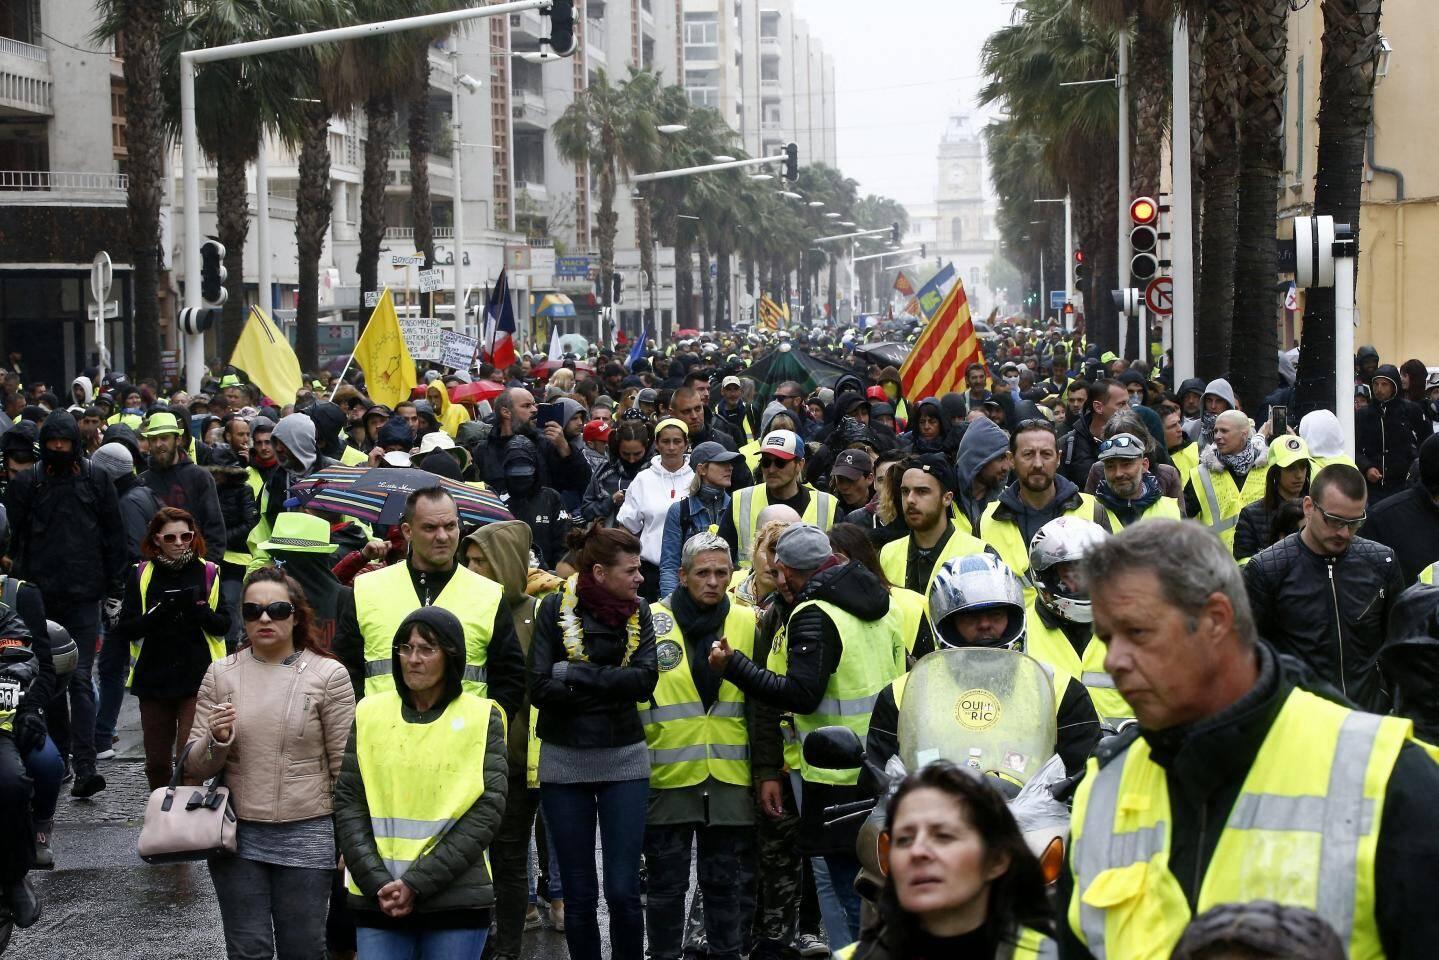 La descente de l'avenue de la République à Toulon.